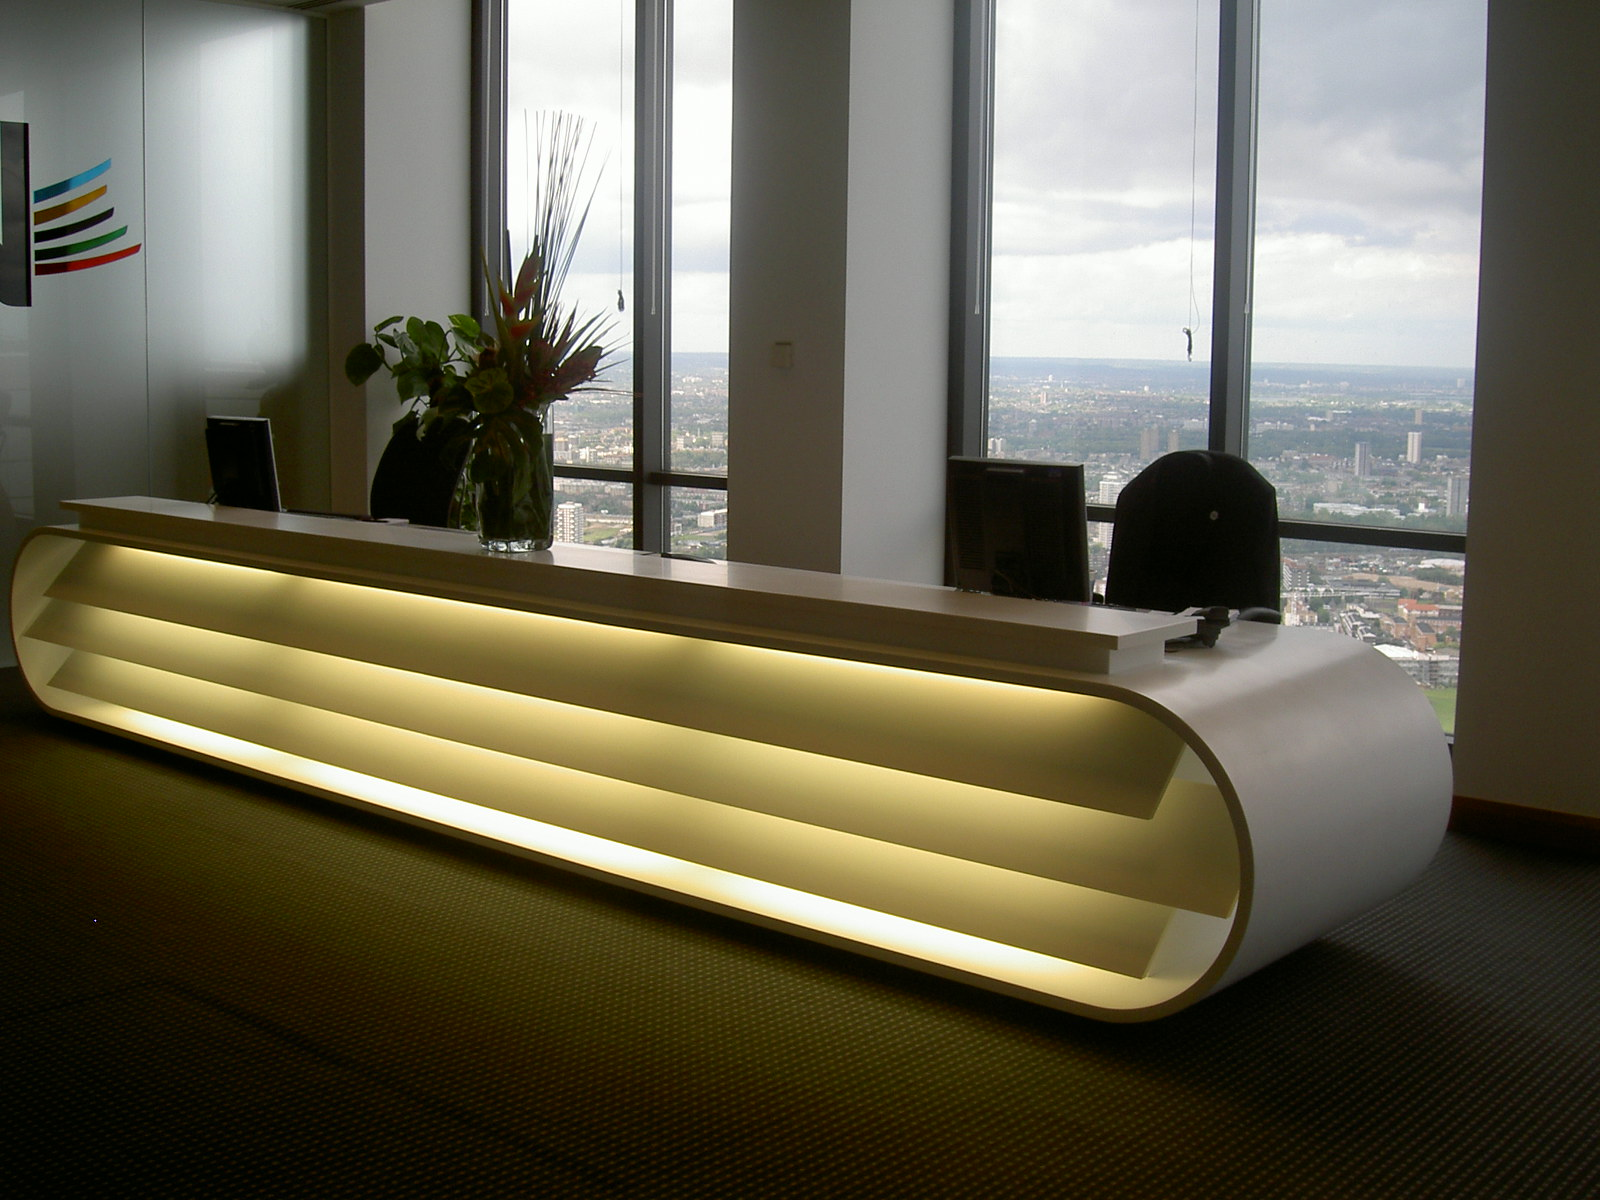 Interior Design | Room Interior Design | Office Interior Design